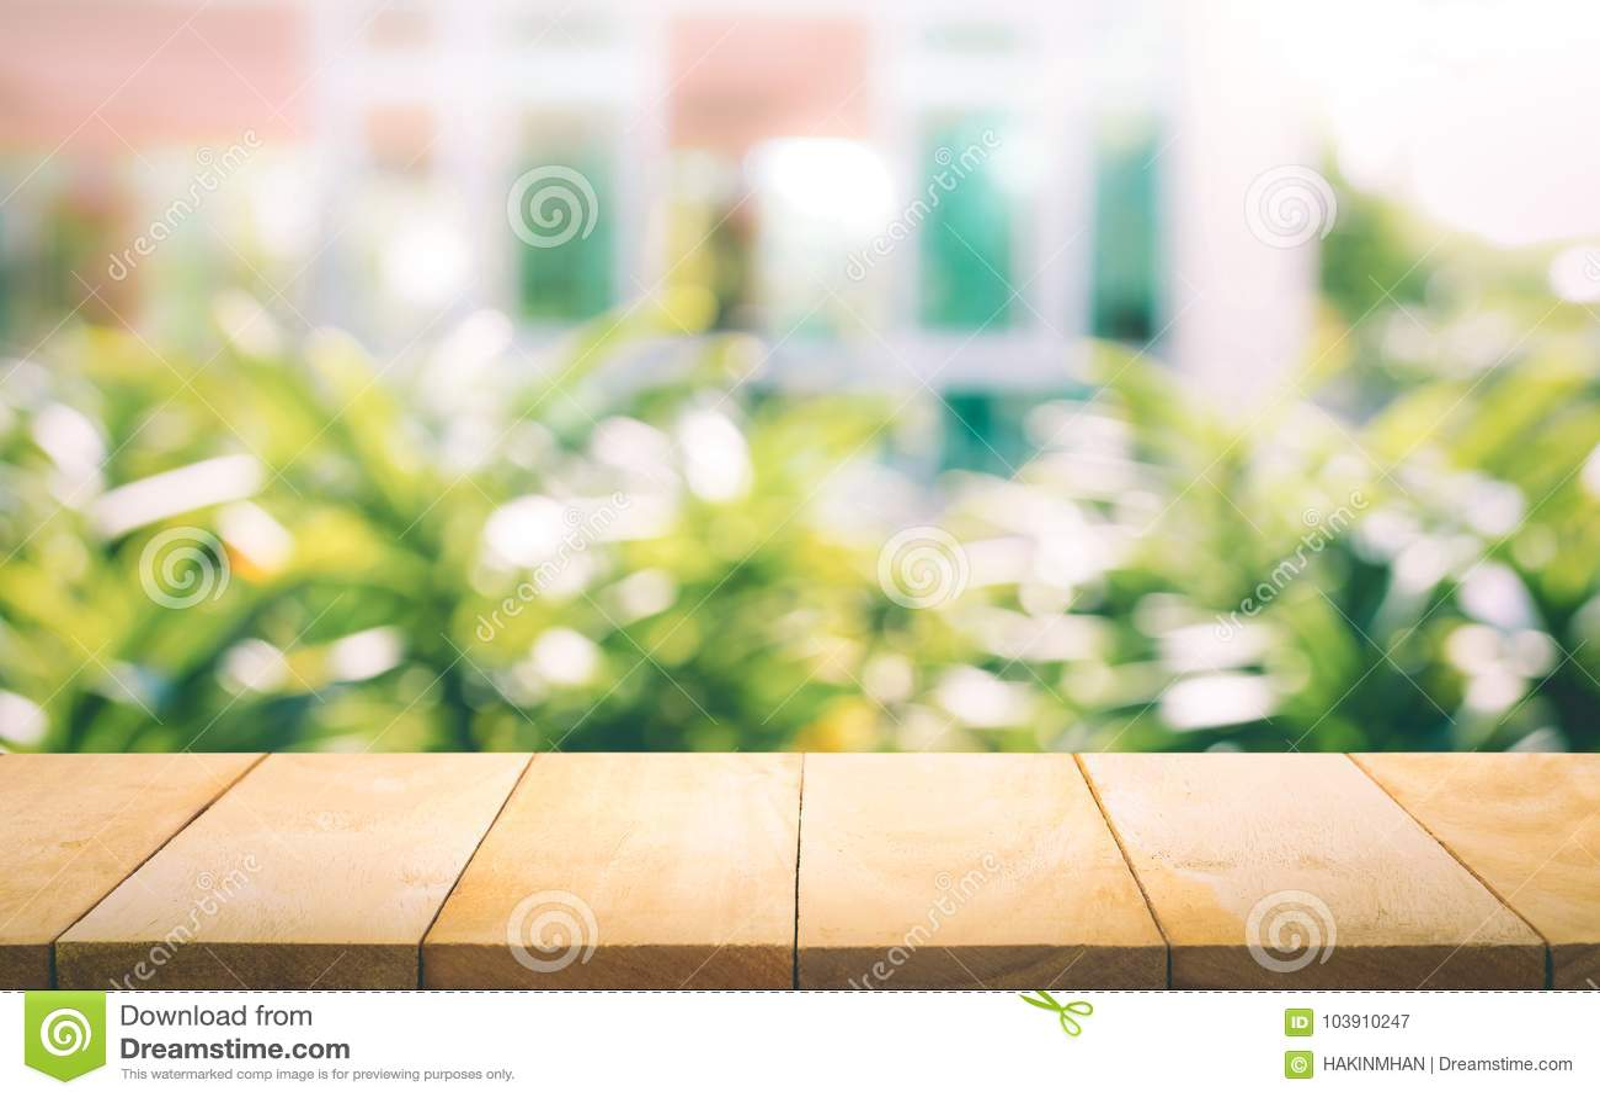 Tampo da mesa de madeira no borrão da janela com fundo da flor do jardim